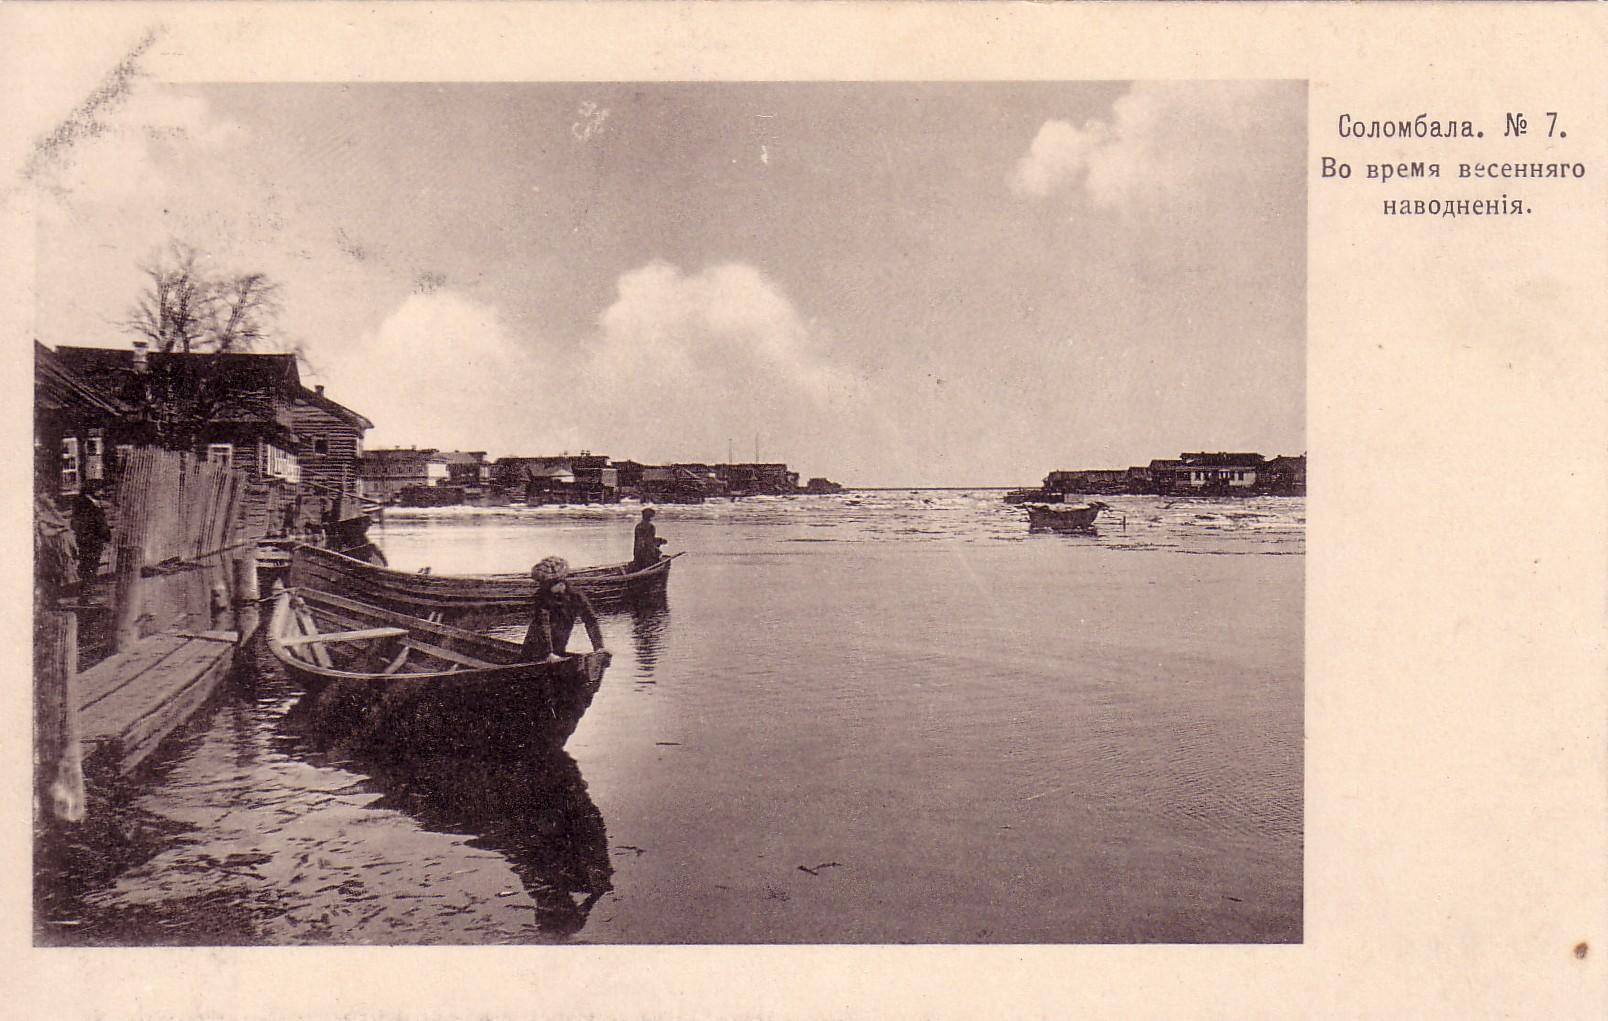 Соломбала. Во время весеннего наводнения